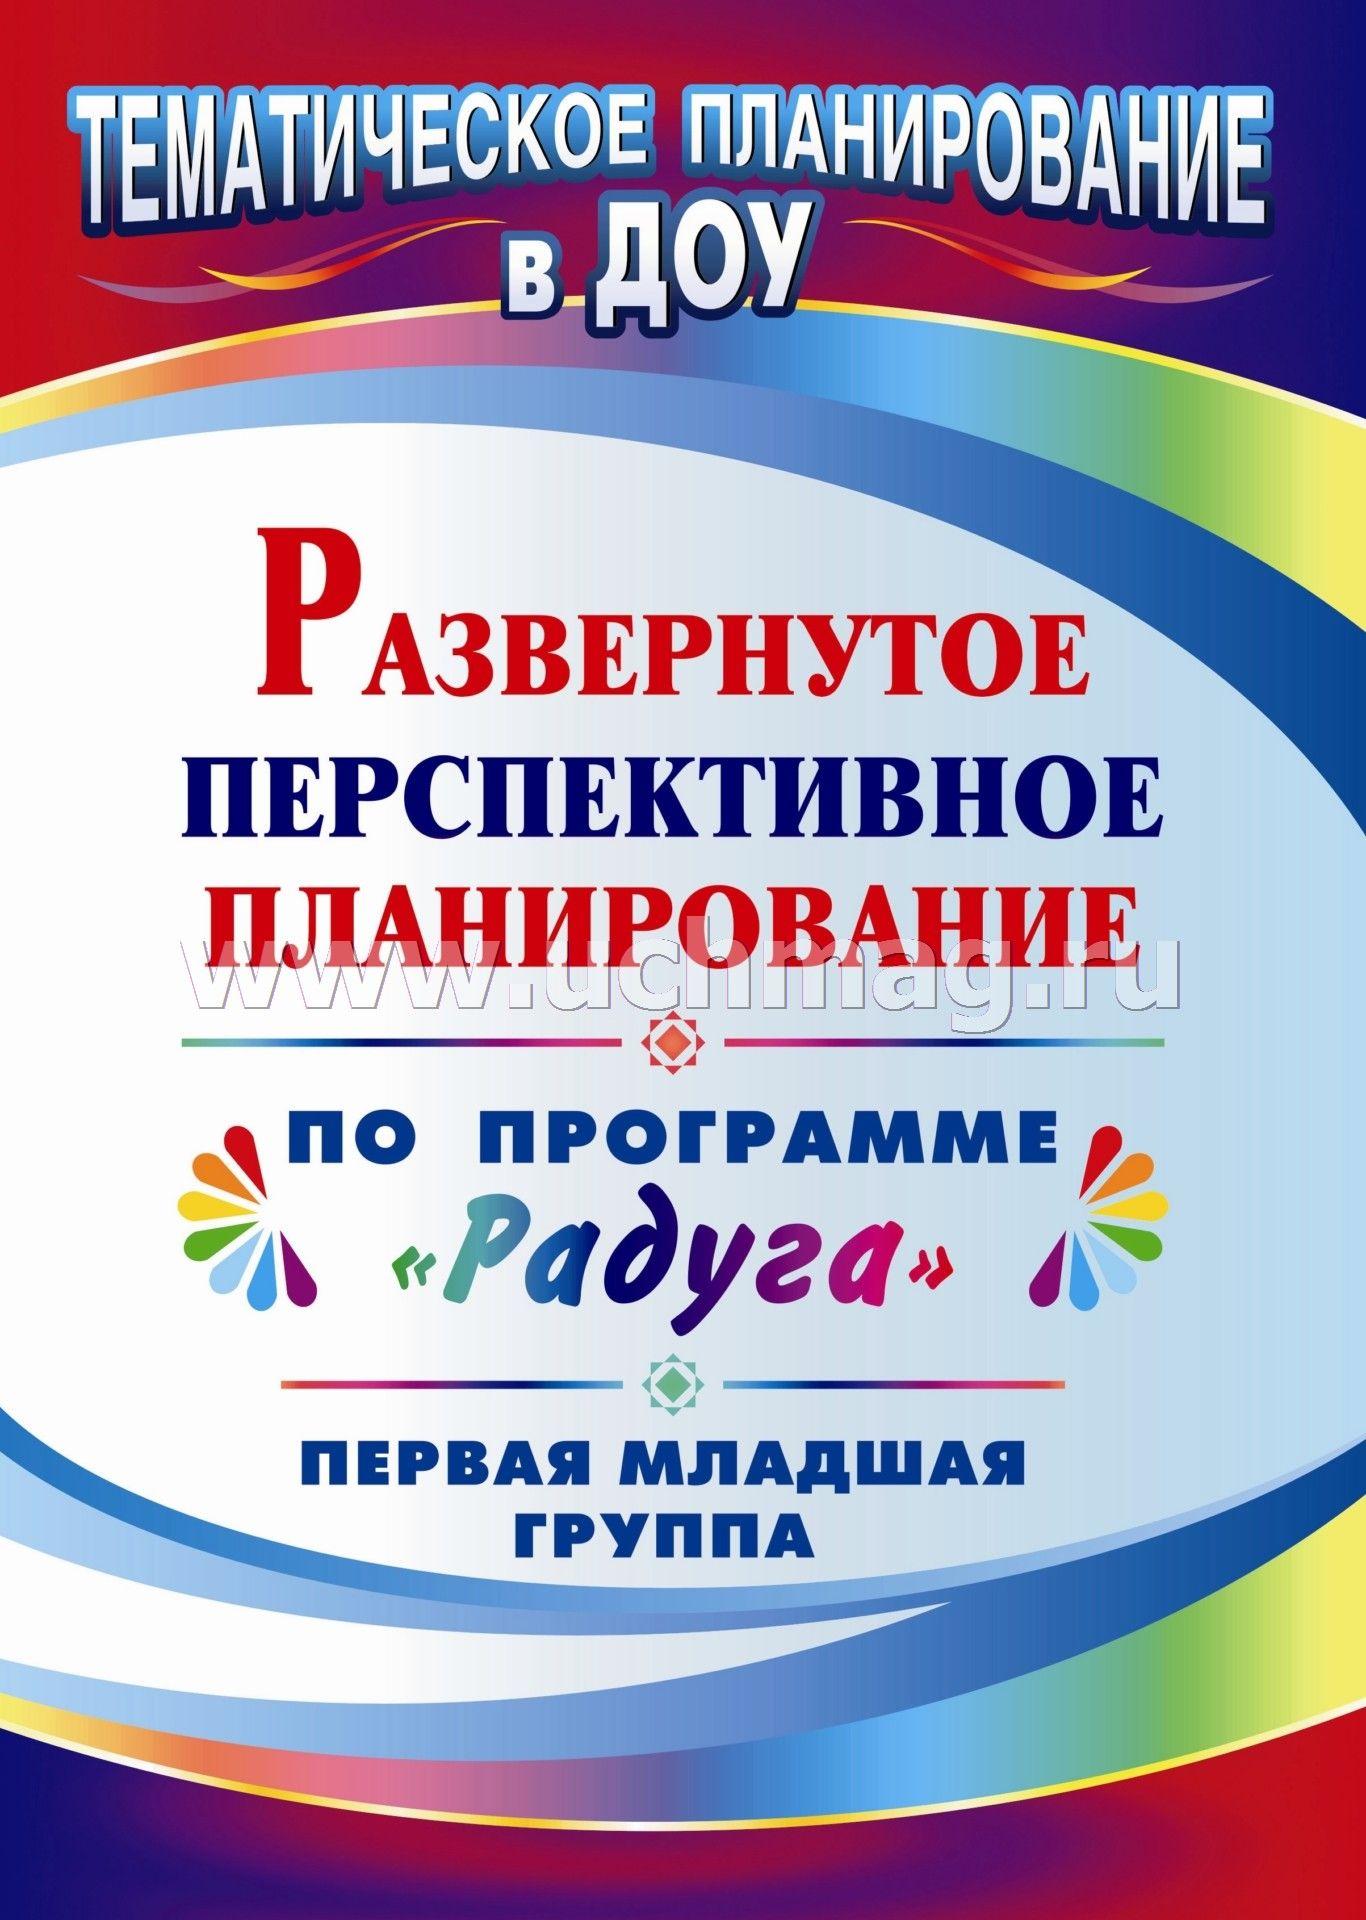 Программа радуга первая младшая группа скачать бесплатно